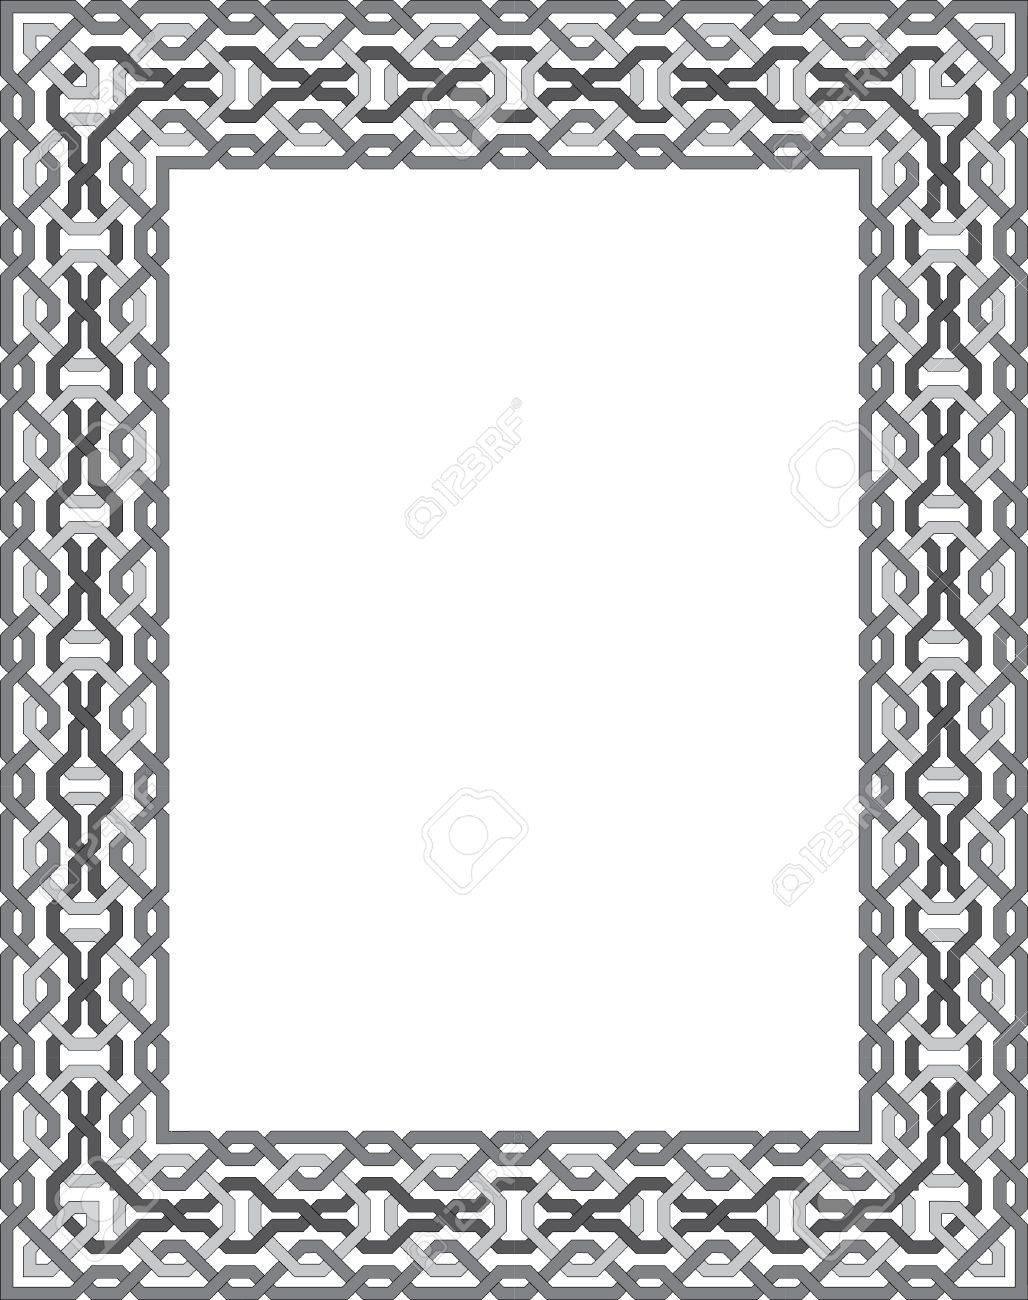 Fliesen Arabeske Vektor-Rahmen, Graustufen Lizenzfrei Nutzbare ...